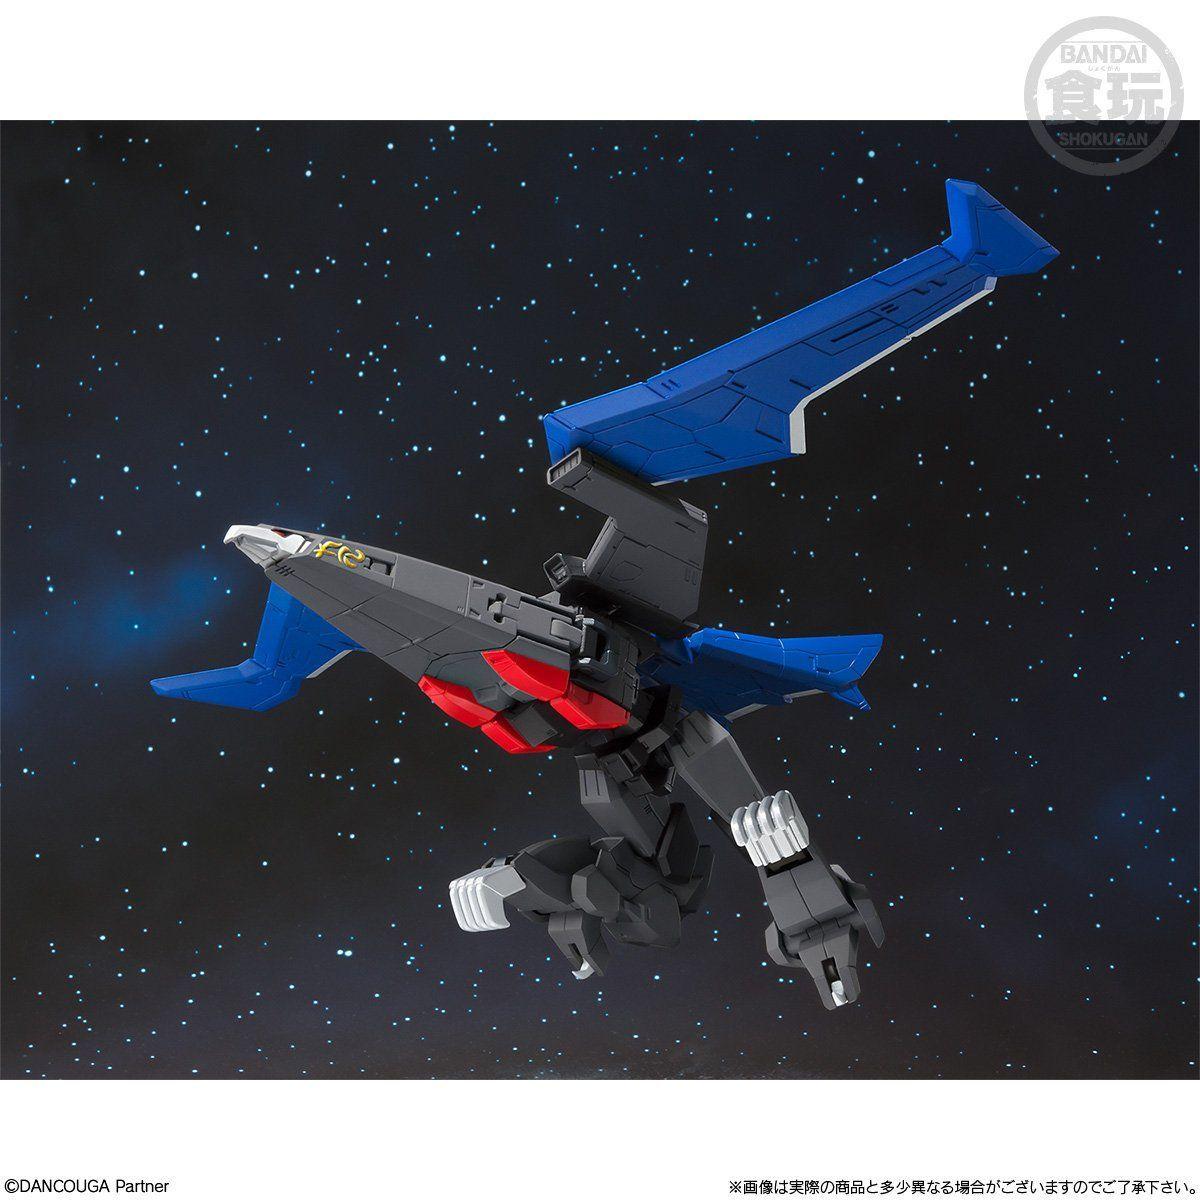 【限定販売】【食玩】スーパーミニプラ『ブラックウイング』超獣機神ダンクーガ  プラモデル-007